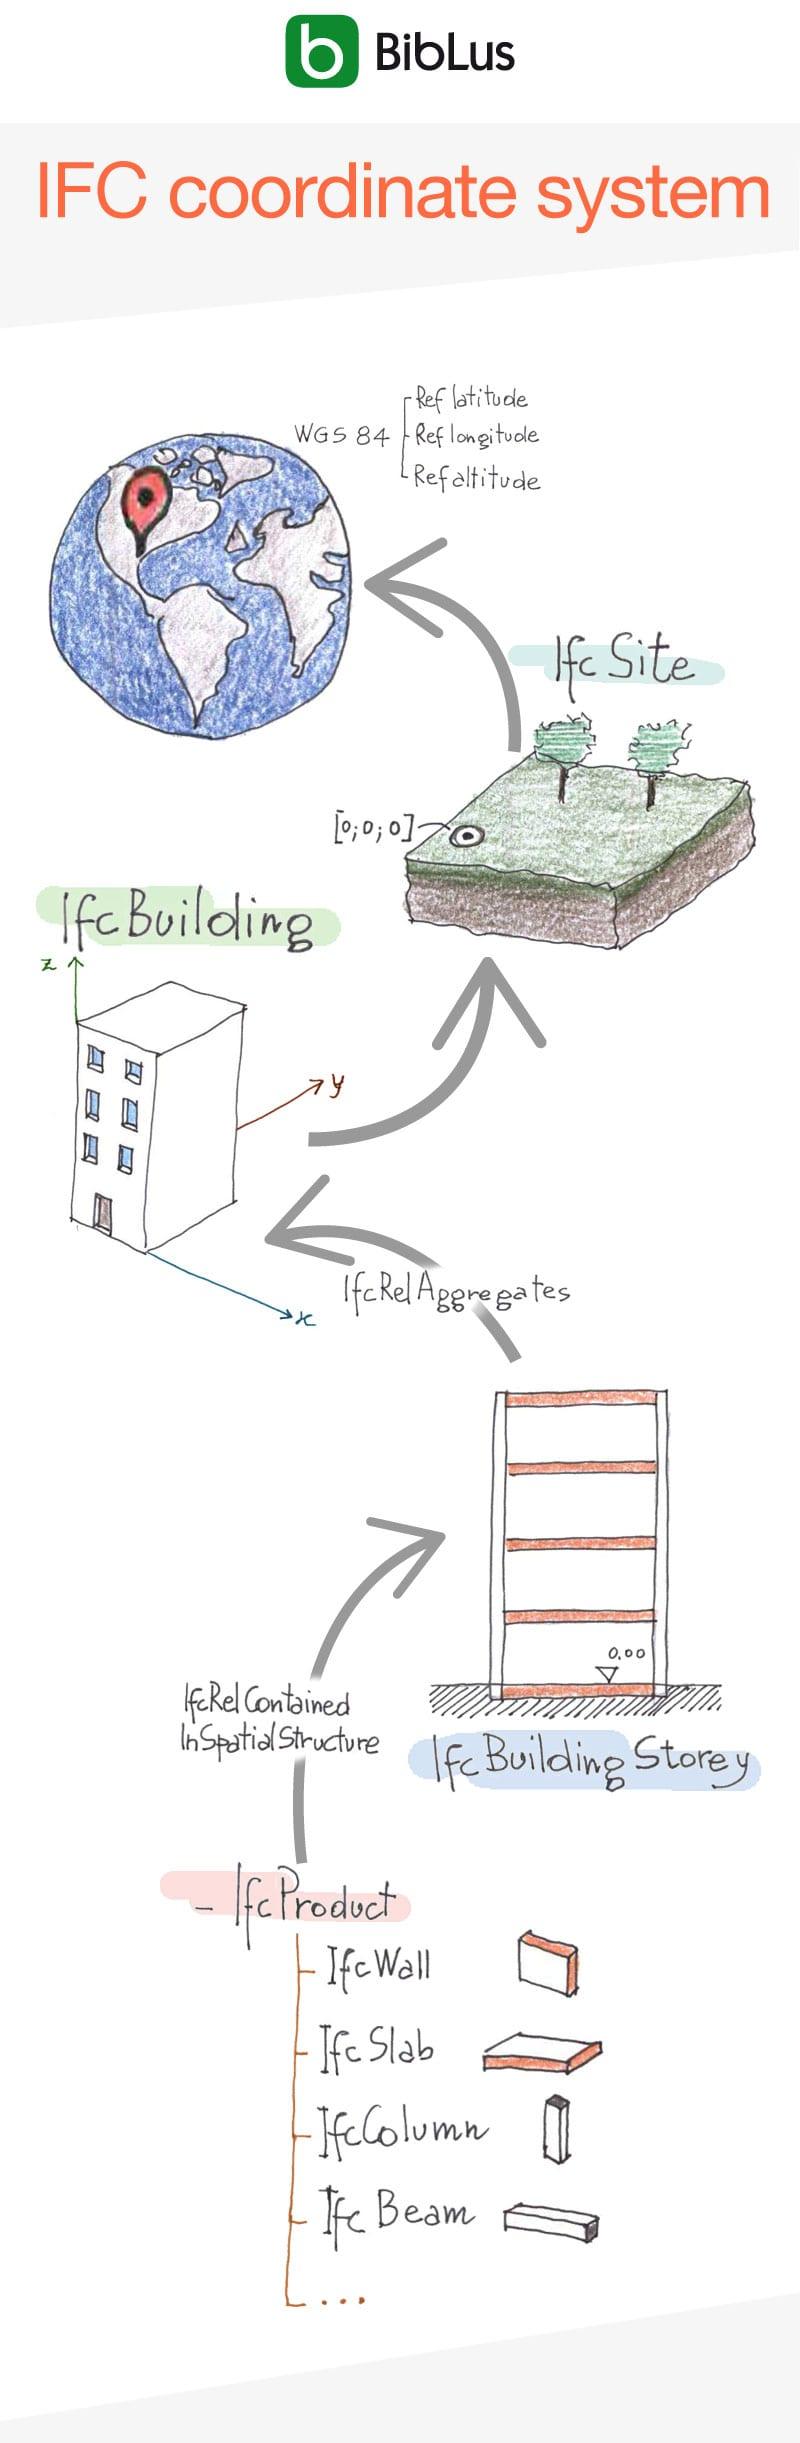 Handgezeichnete Infografik, die die hierarchischen Beziehungen für die Positionierung von Objekten darstellt